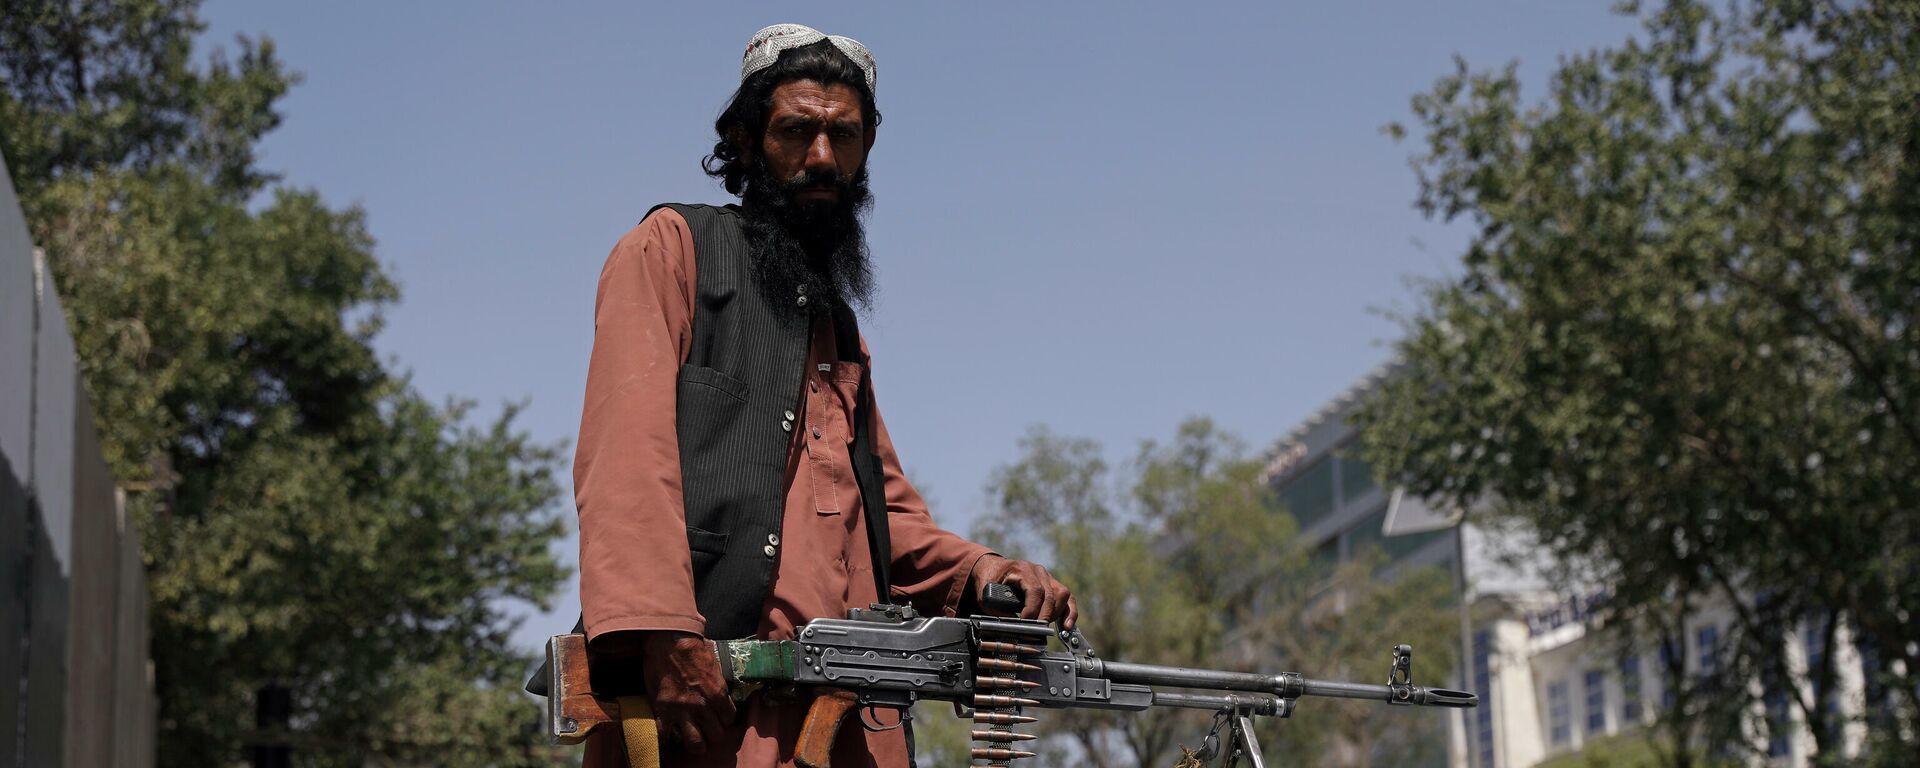 Почему афганцы боятся талибов? - Sputnik Тоҷикистон, 1920, 07.09.2021